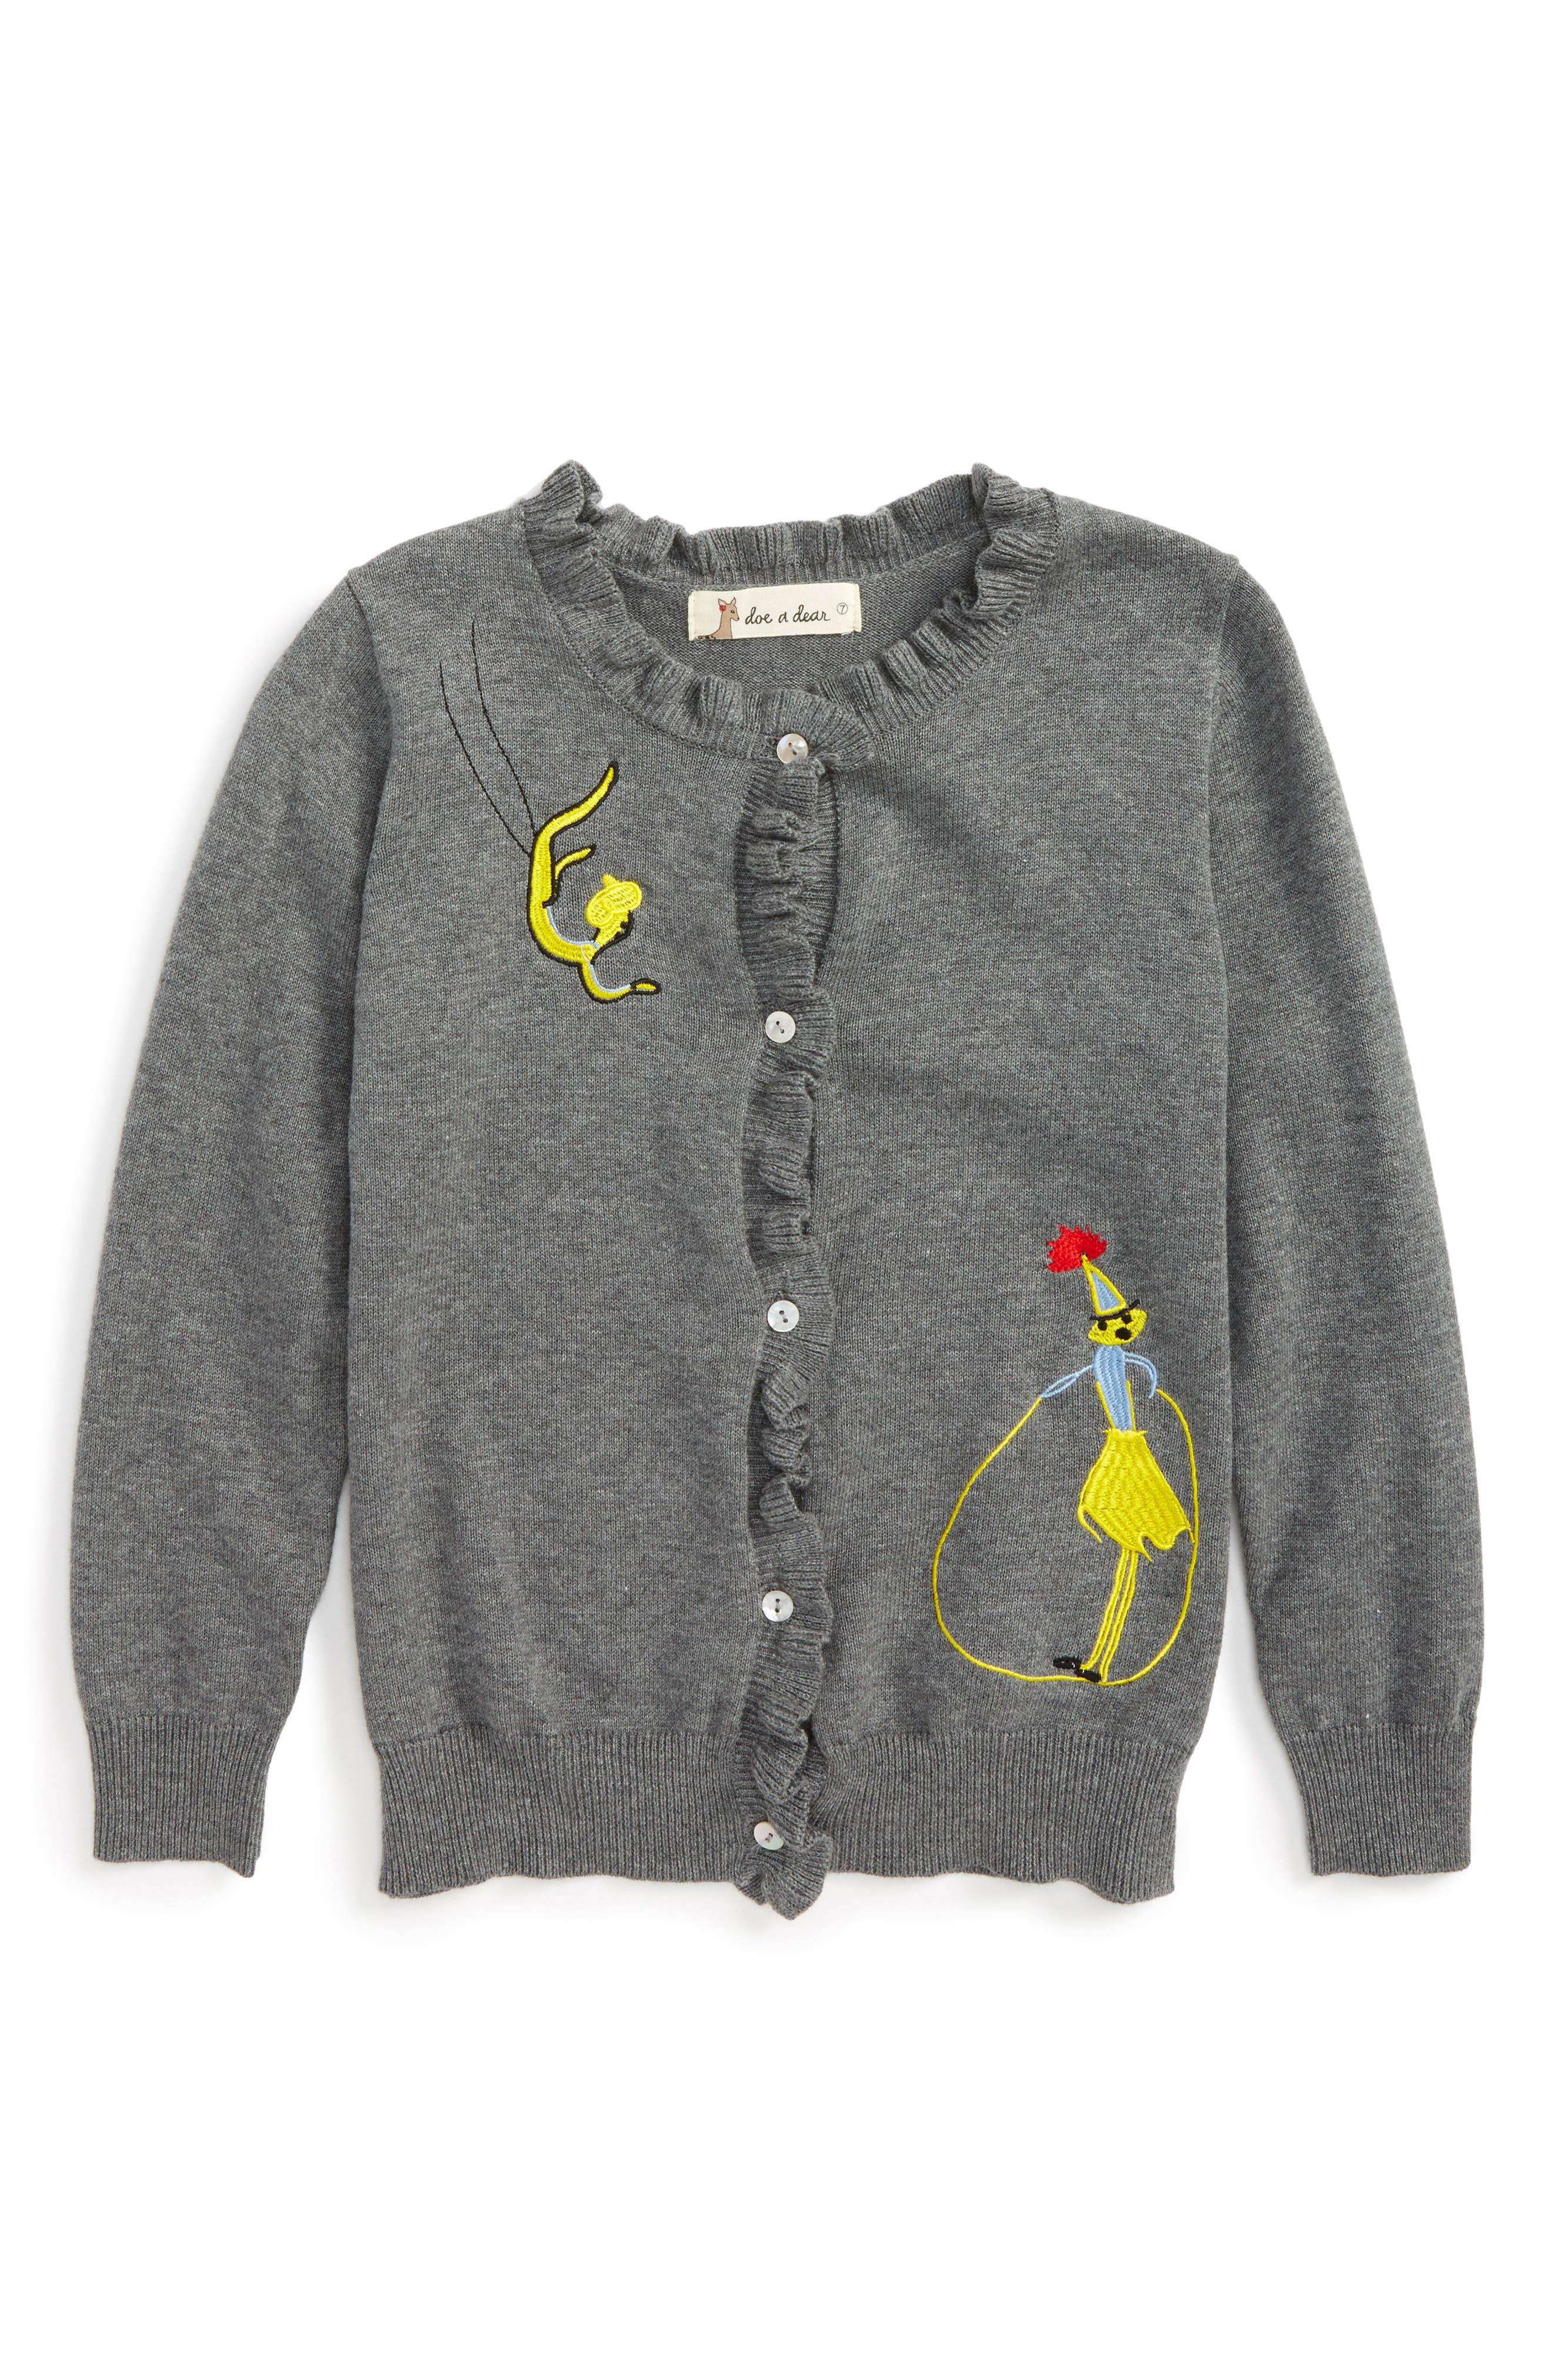 Doe a Dear Embroidered Ruffle Cardigan (Toddler Girls, Little Girls & Big Girls)